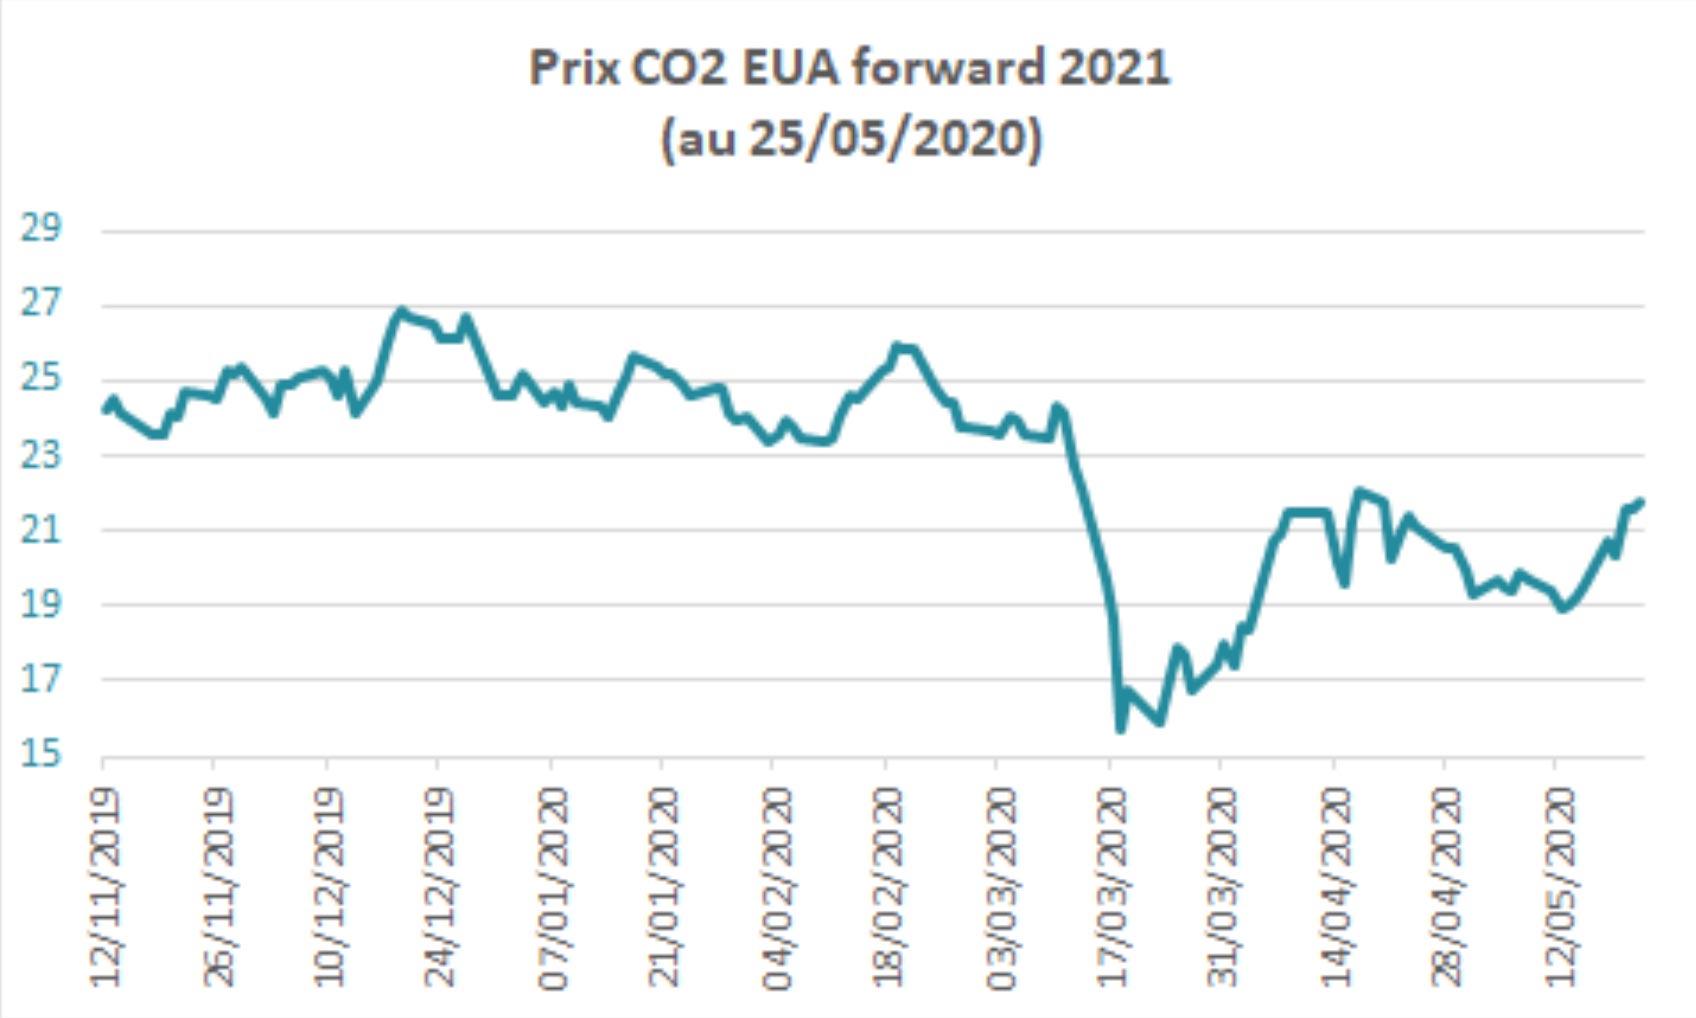 Évolution des prix forward 2021 du carbone, au 25 Mai 2020